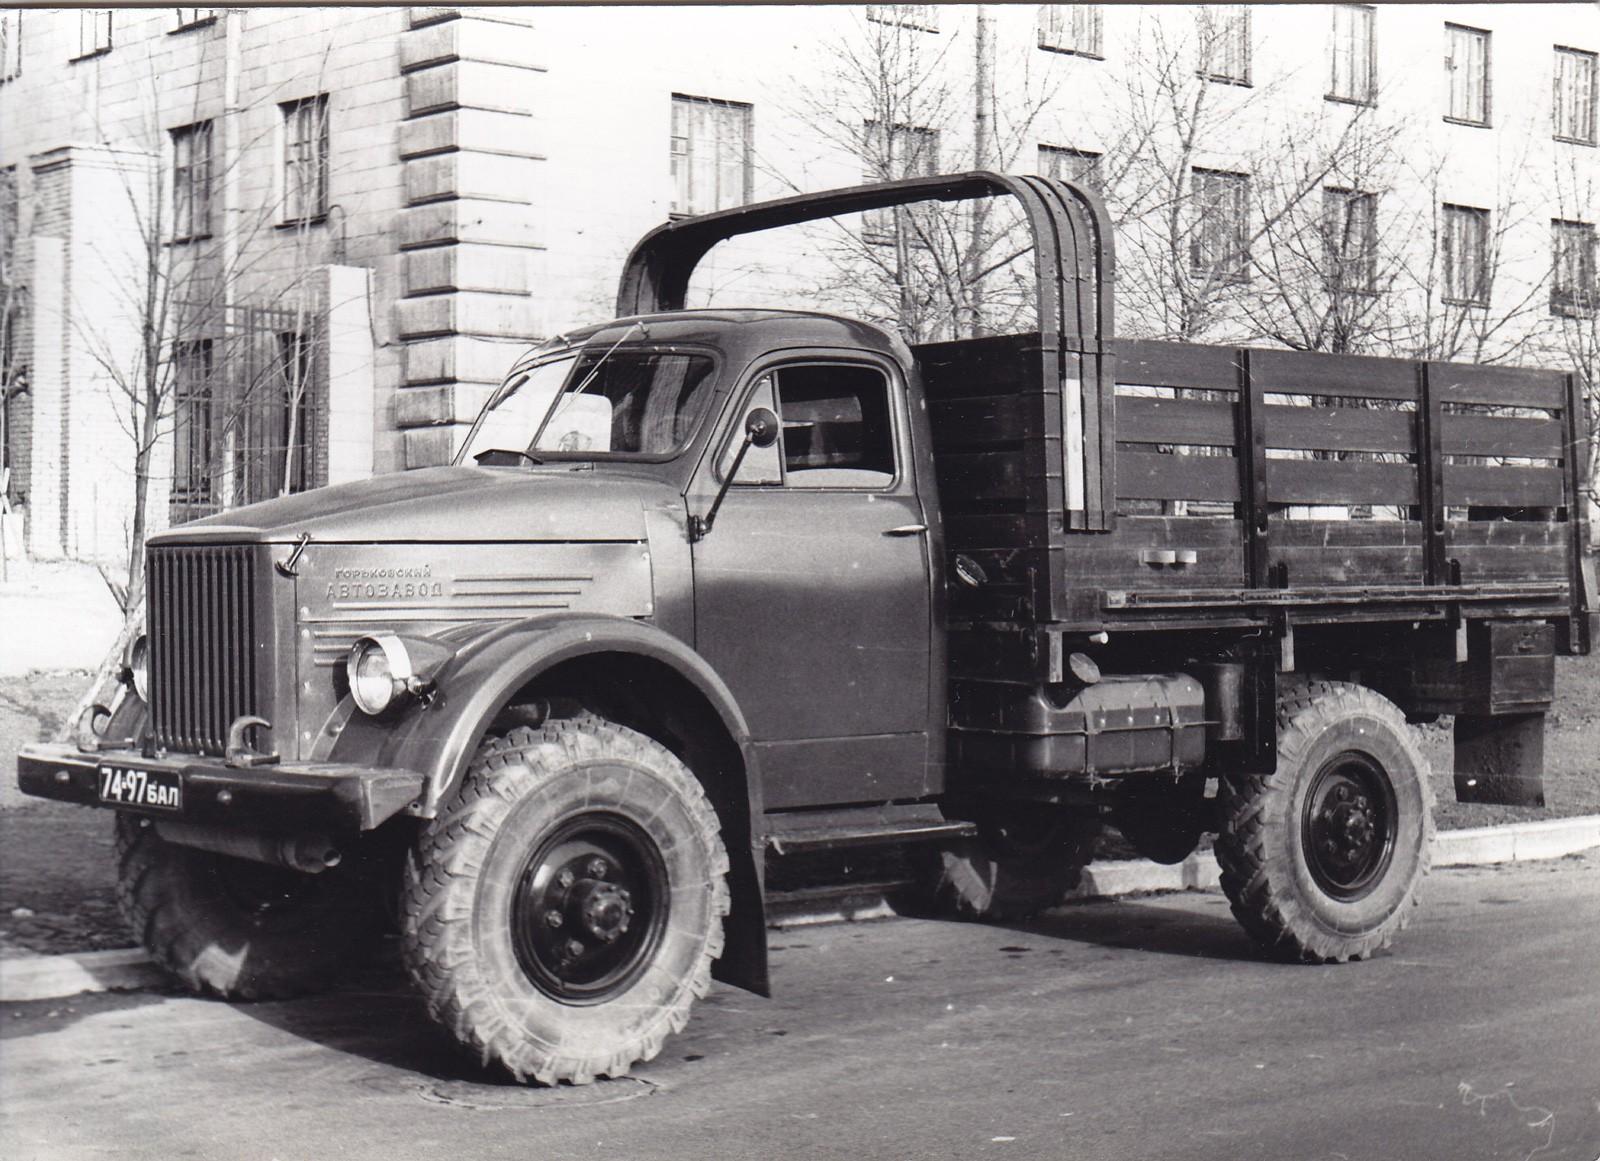 Половина полуторки. Как в СССР во время войны появился свой Dodge 3/4, но только на бумаге